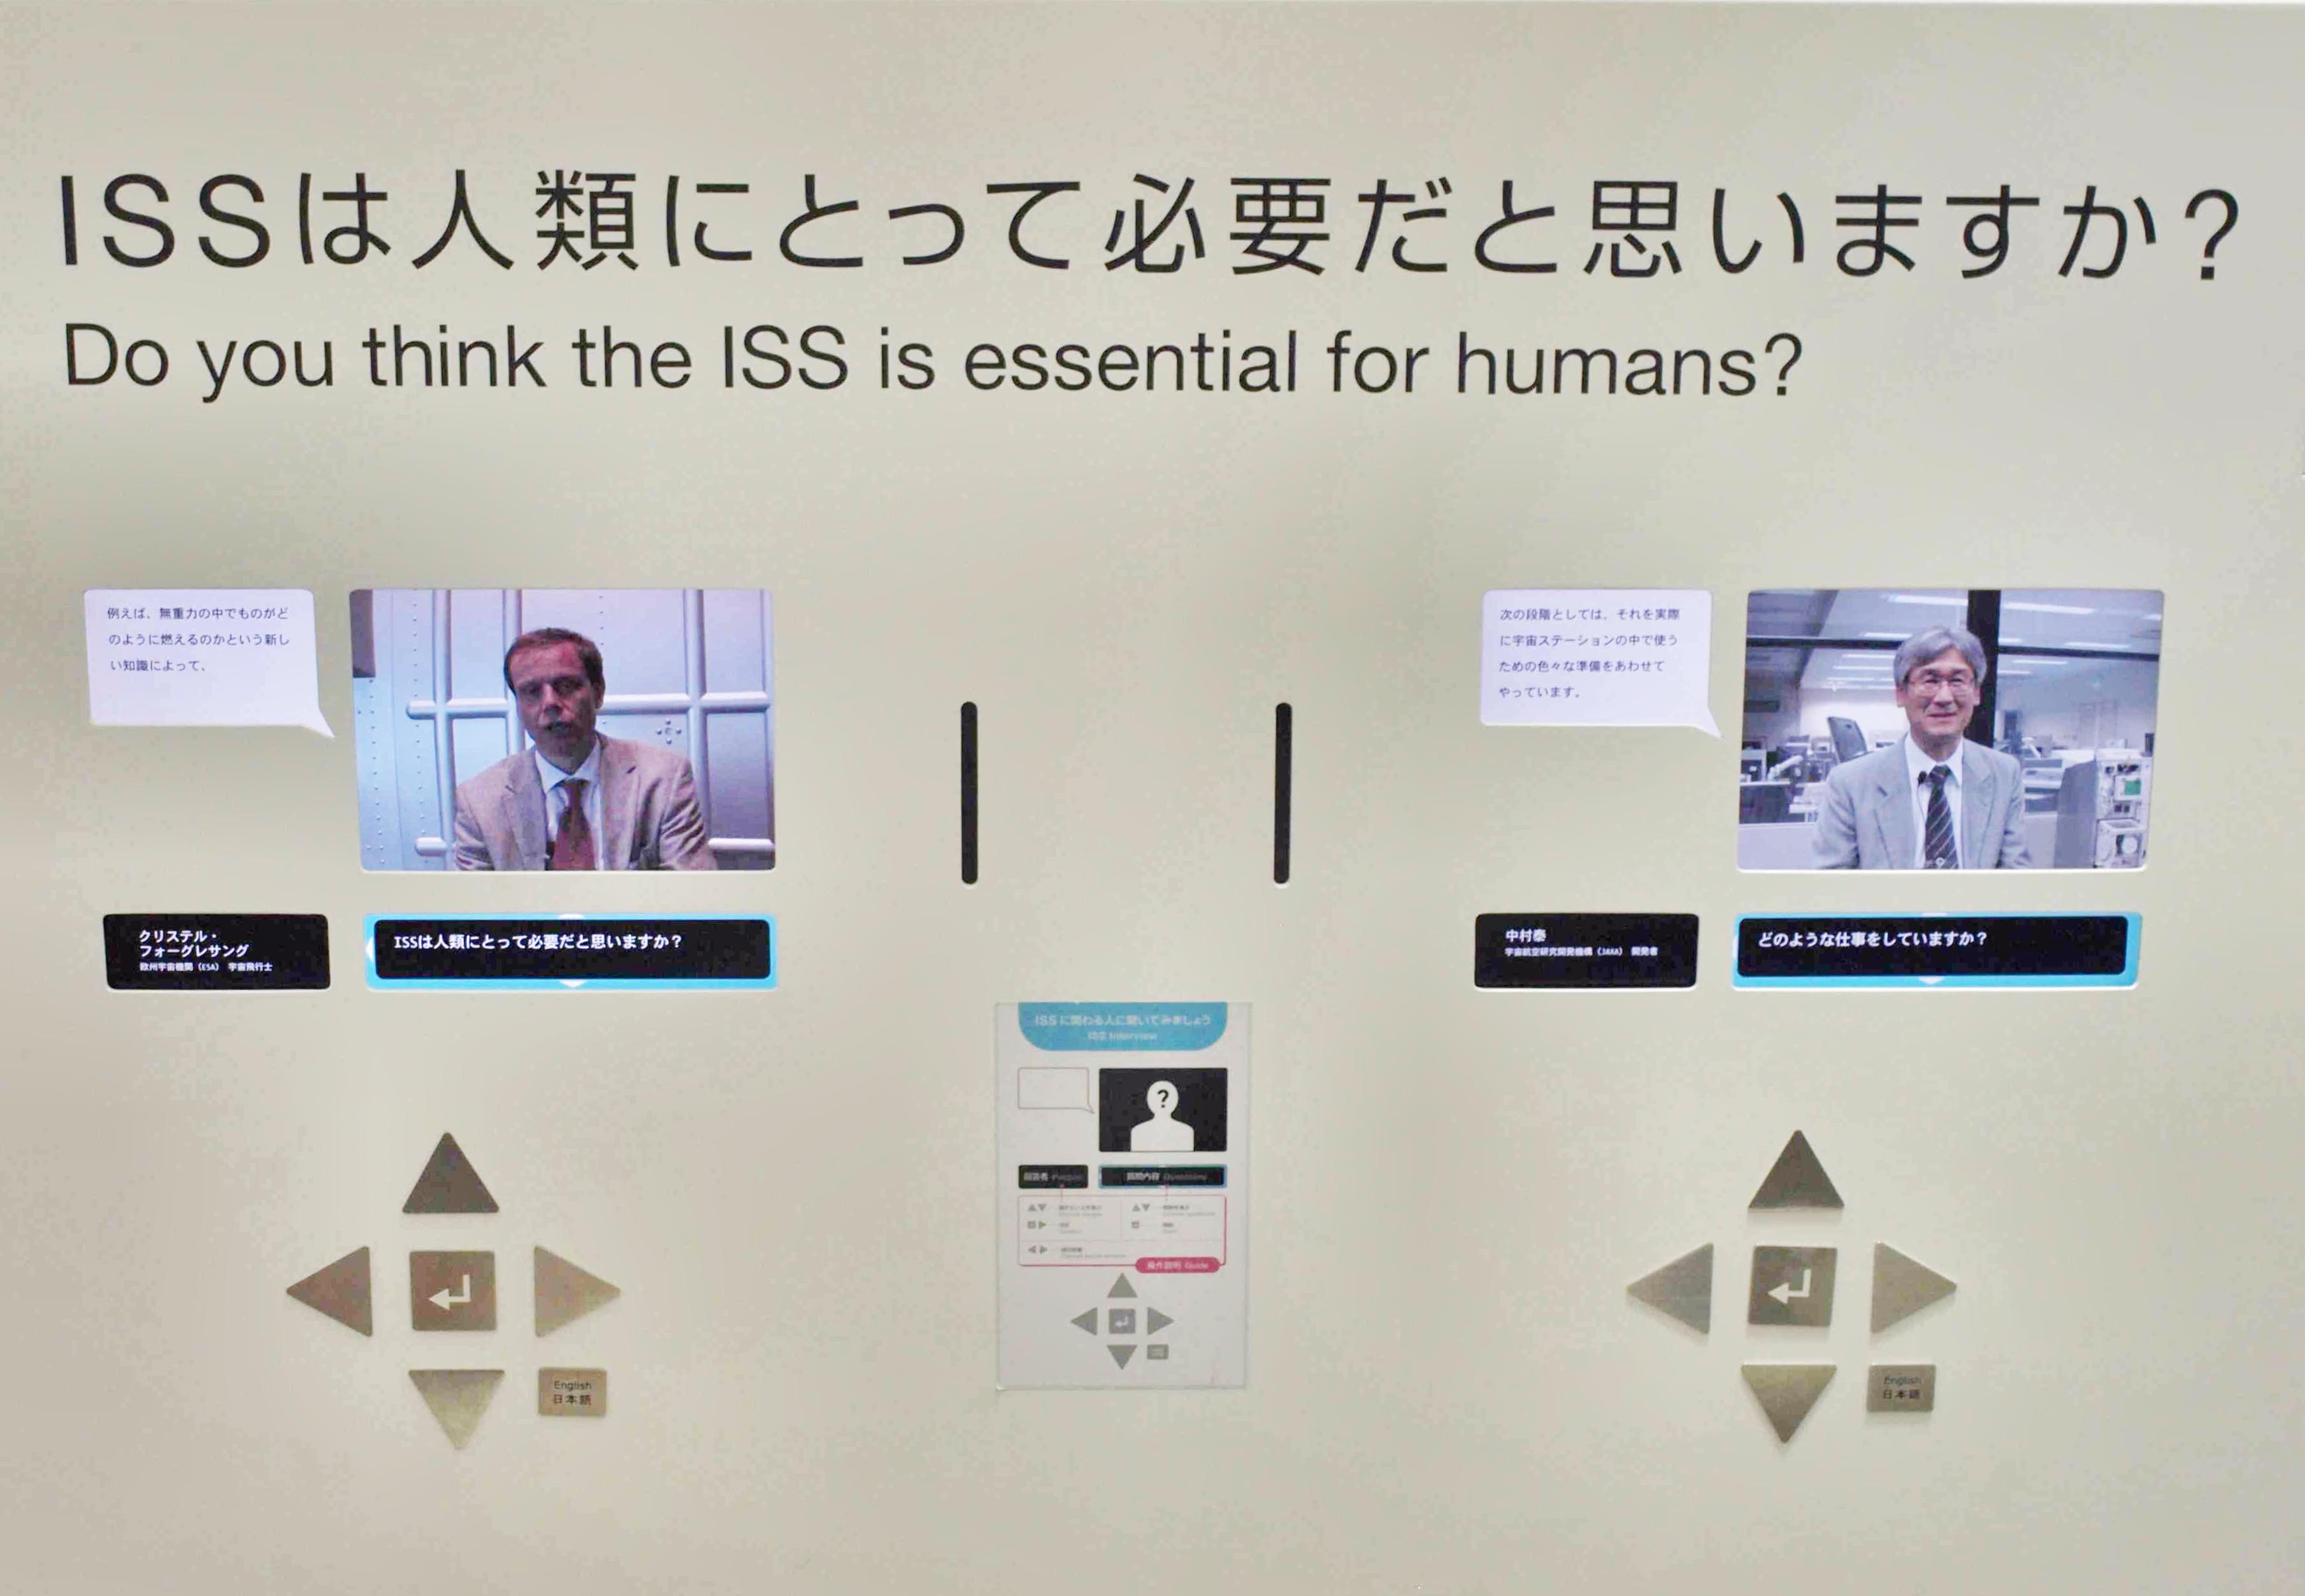 Opplysningsfilmer med blant andre Christer Fuglesang fra det tekniske museet Koto i Tokyo. Foto: Audun Lindholm.